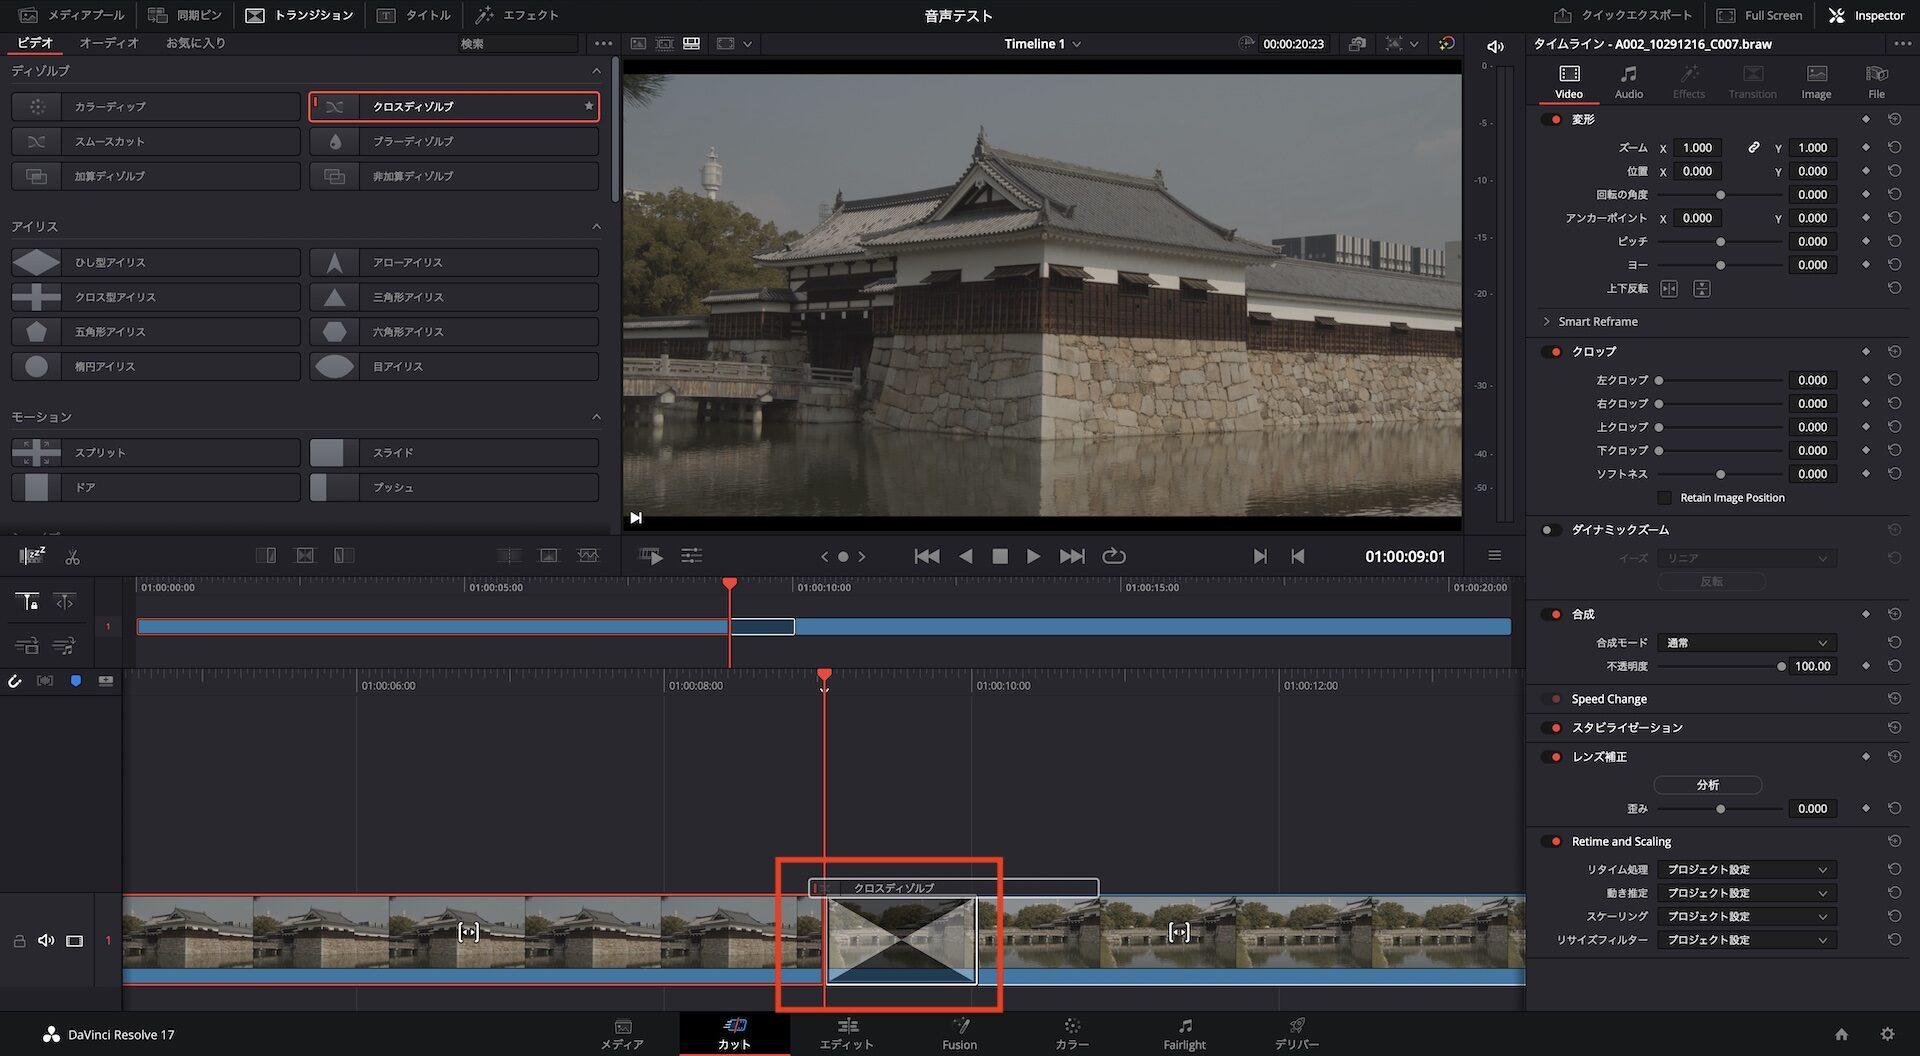 【動画編集】トランジションを使うためには、クリップを1秒分、短くする必要がある